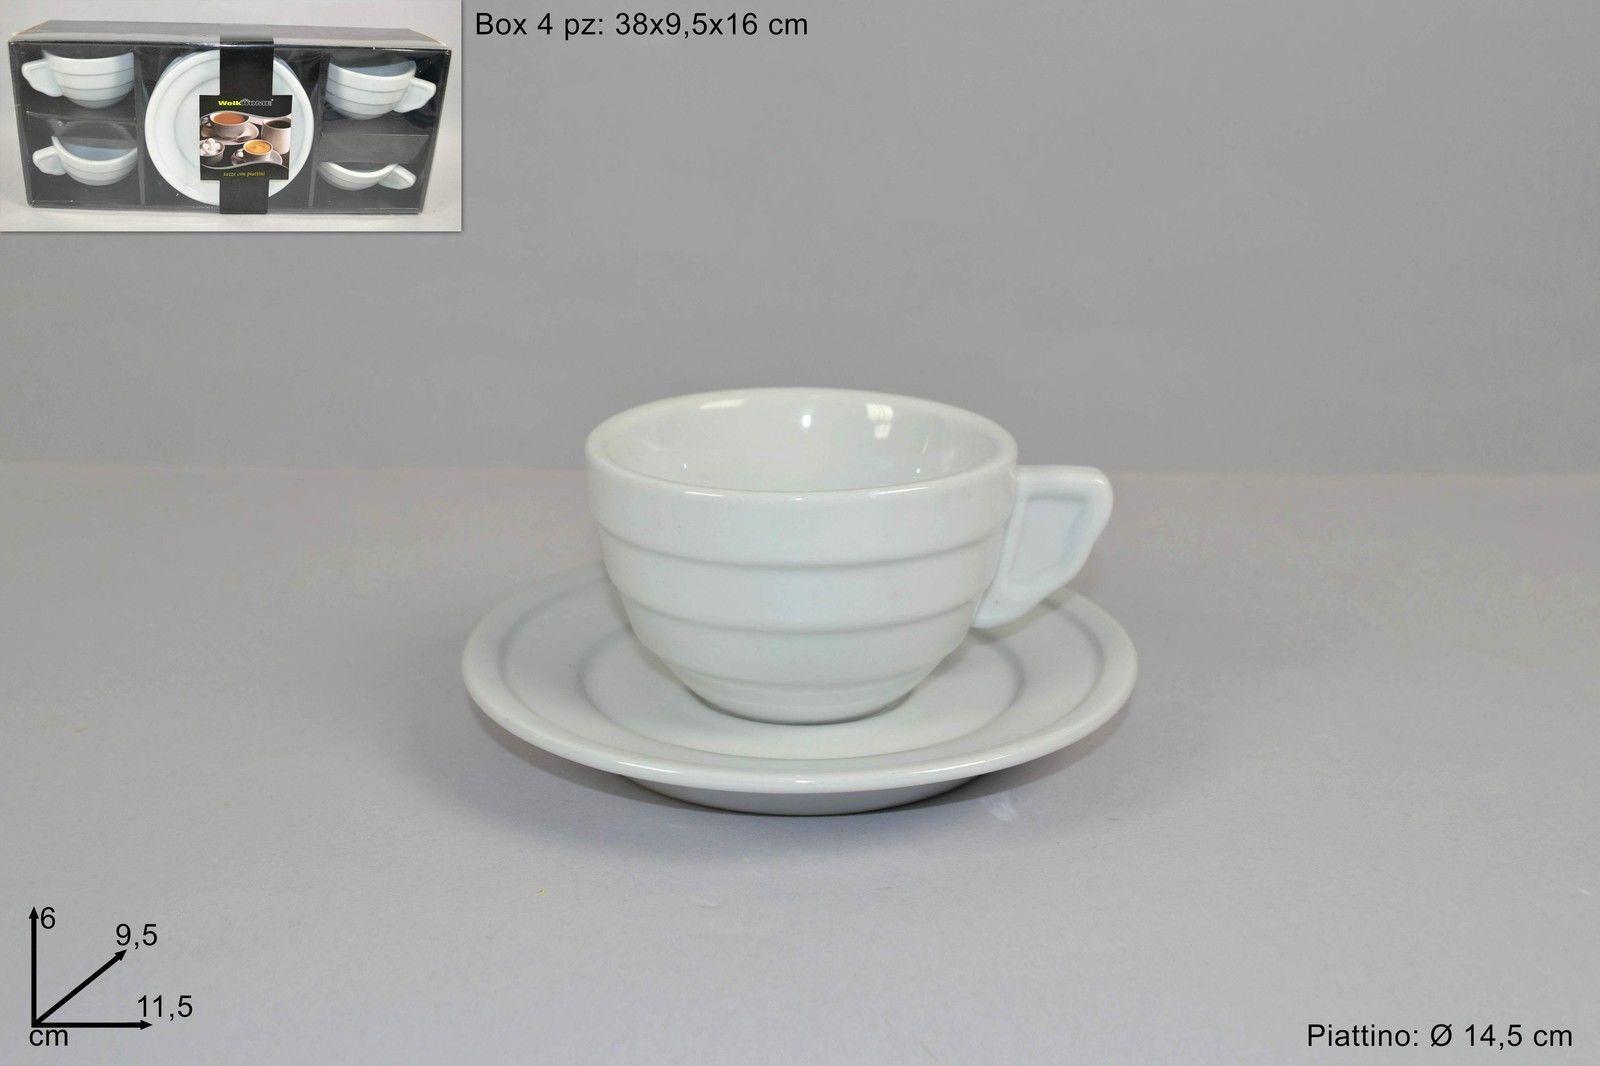 Set 4 Tazze Colazione Ceramica Bianca Ali Tazzoni Con Piattino Cappuccino dfh